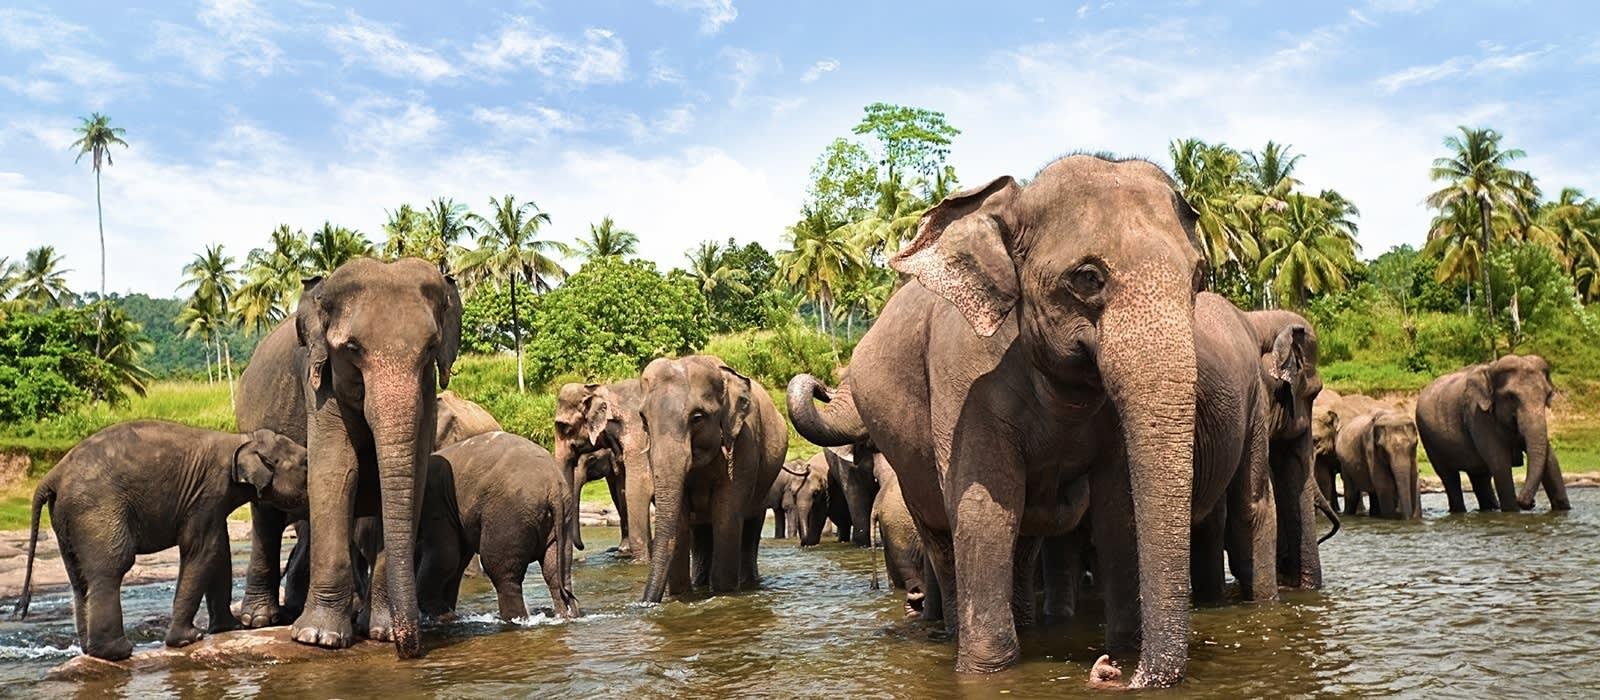 Sicherheit in Sri Lanka: Elefanten sind glücklicherweise keine Gefahr